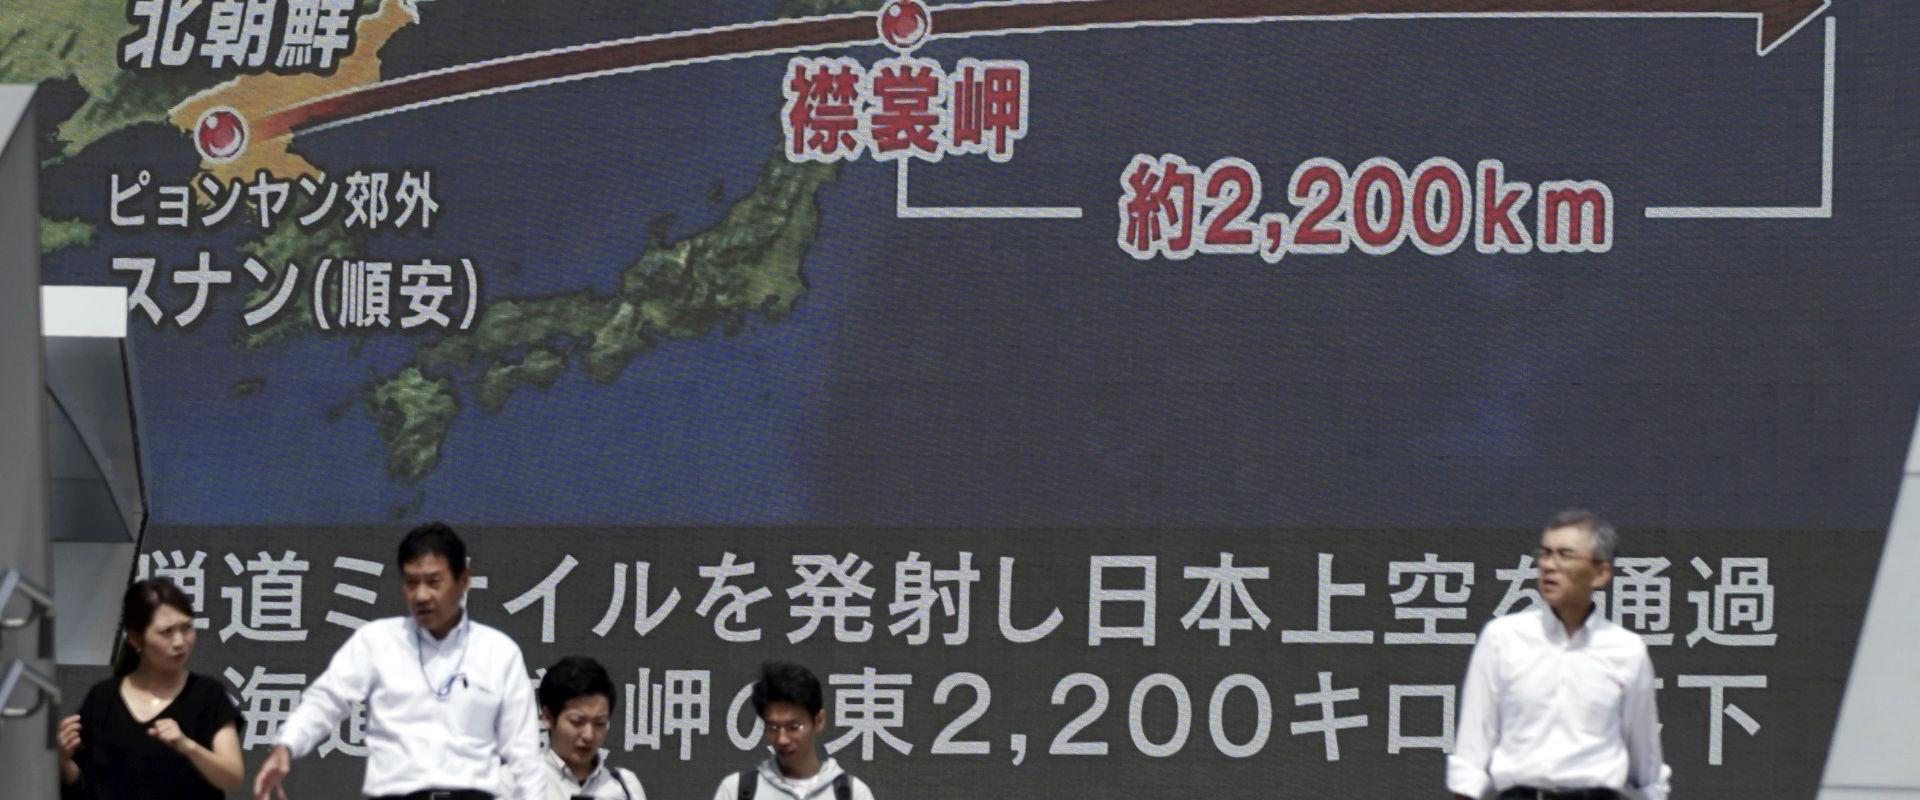 שיגור הטיל כפי שנקלט בקוריאה הדרומית